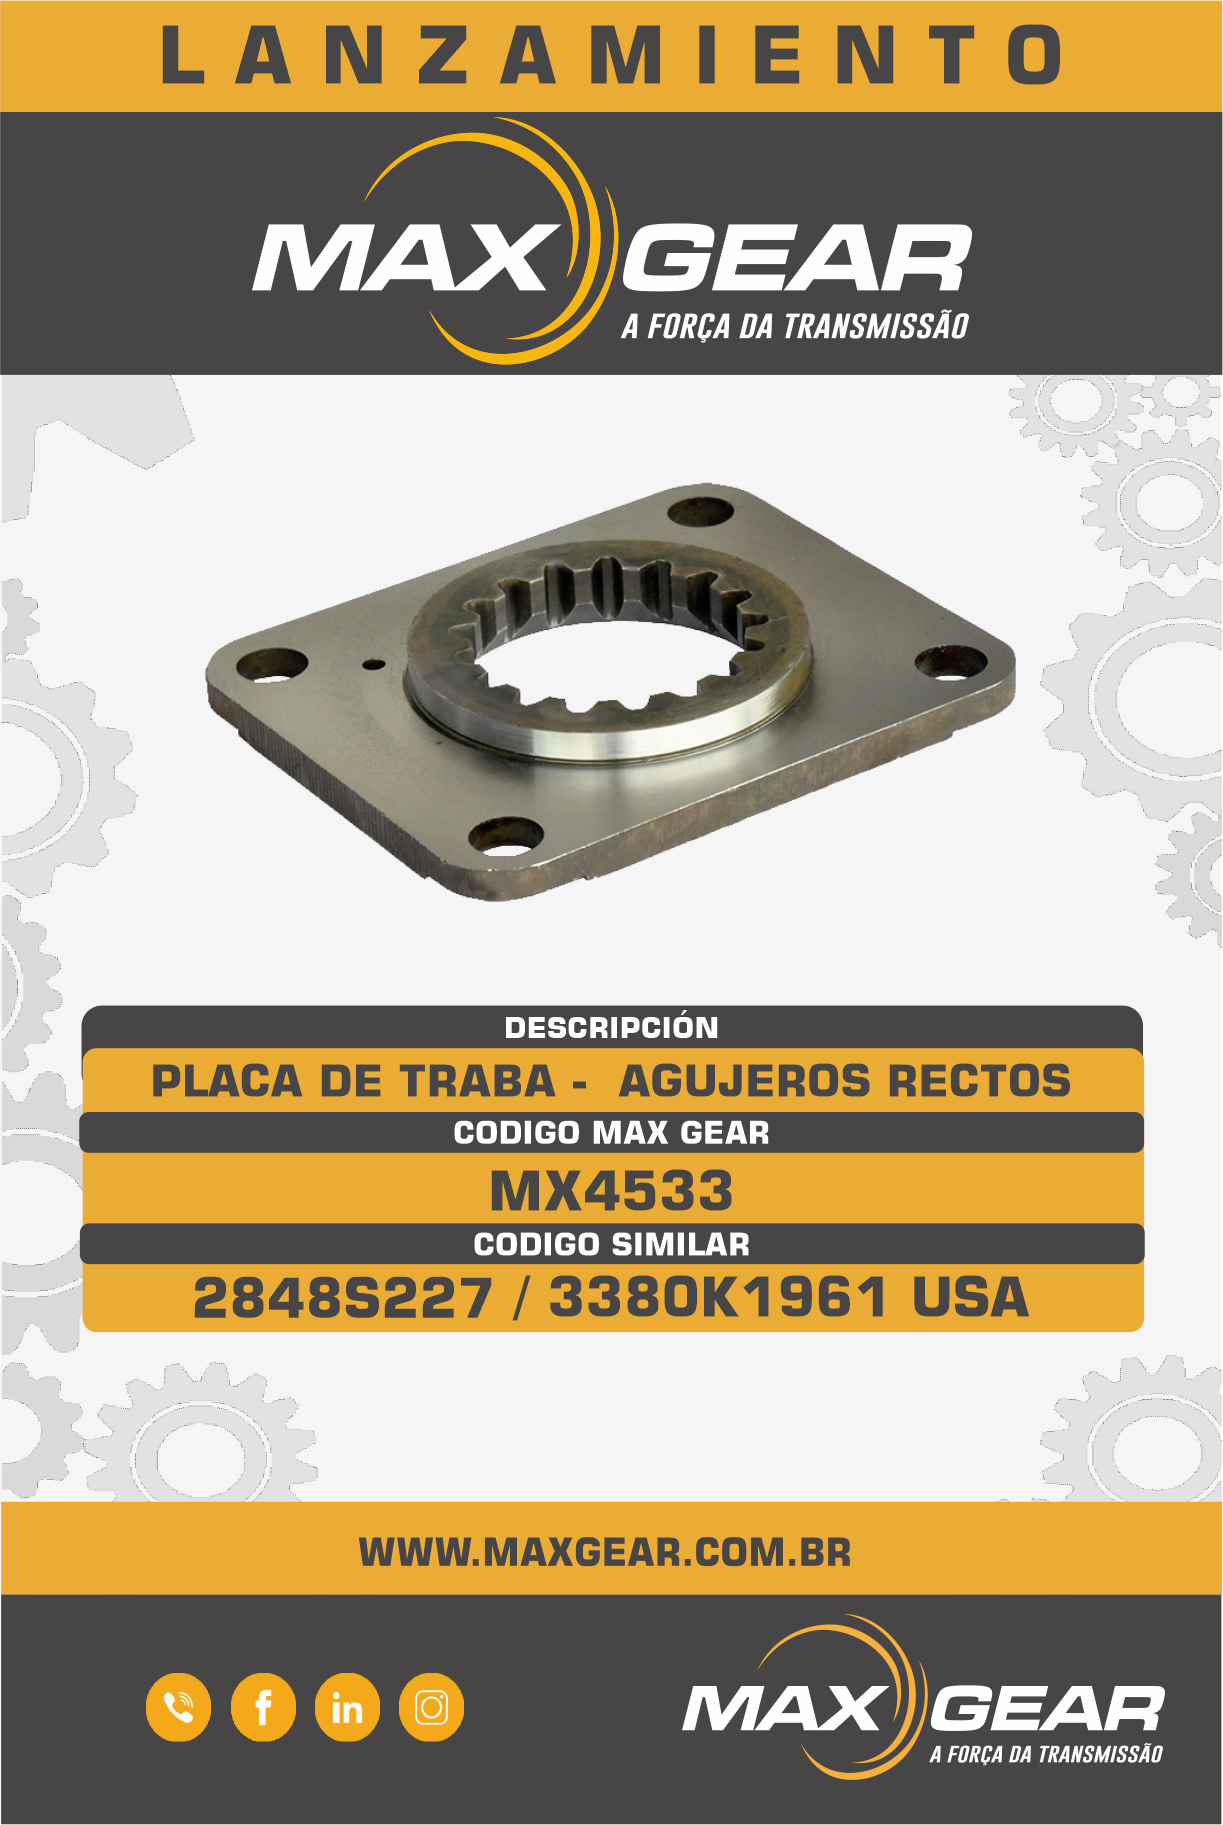 LANZAMIENTO MX4533